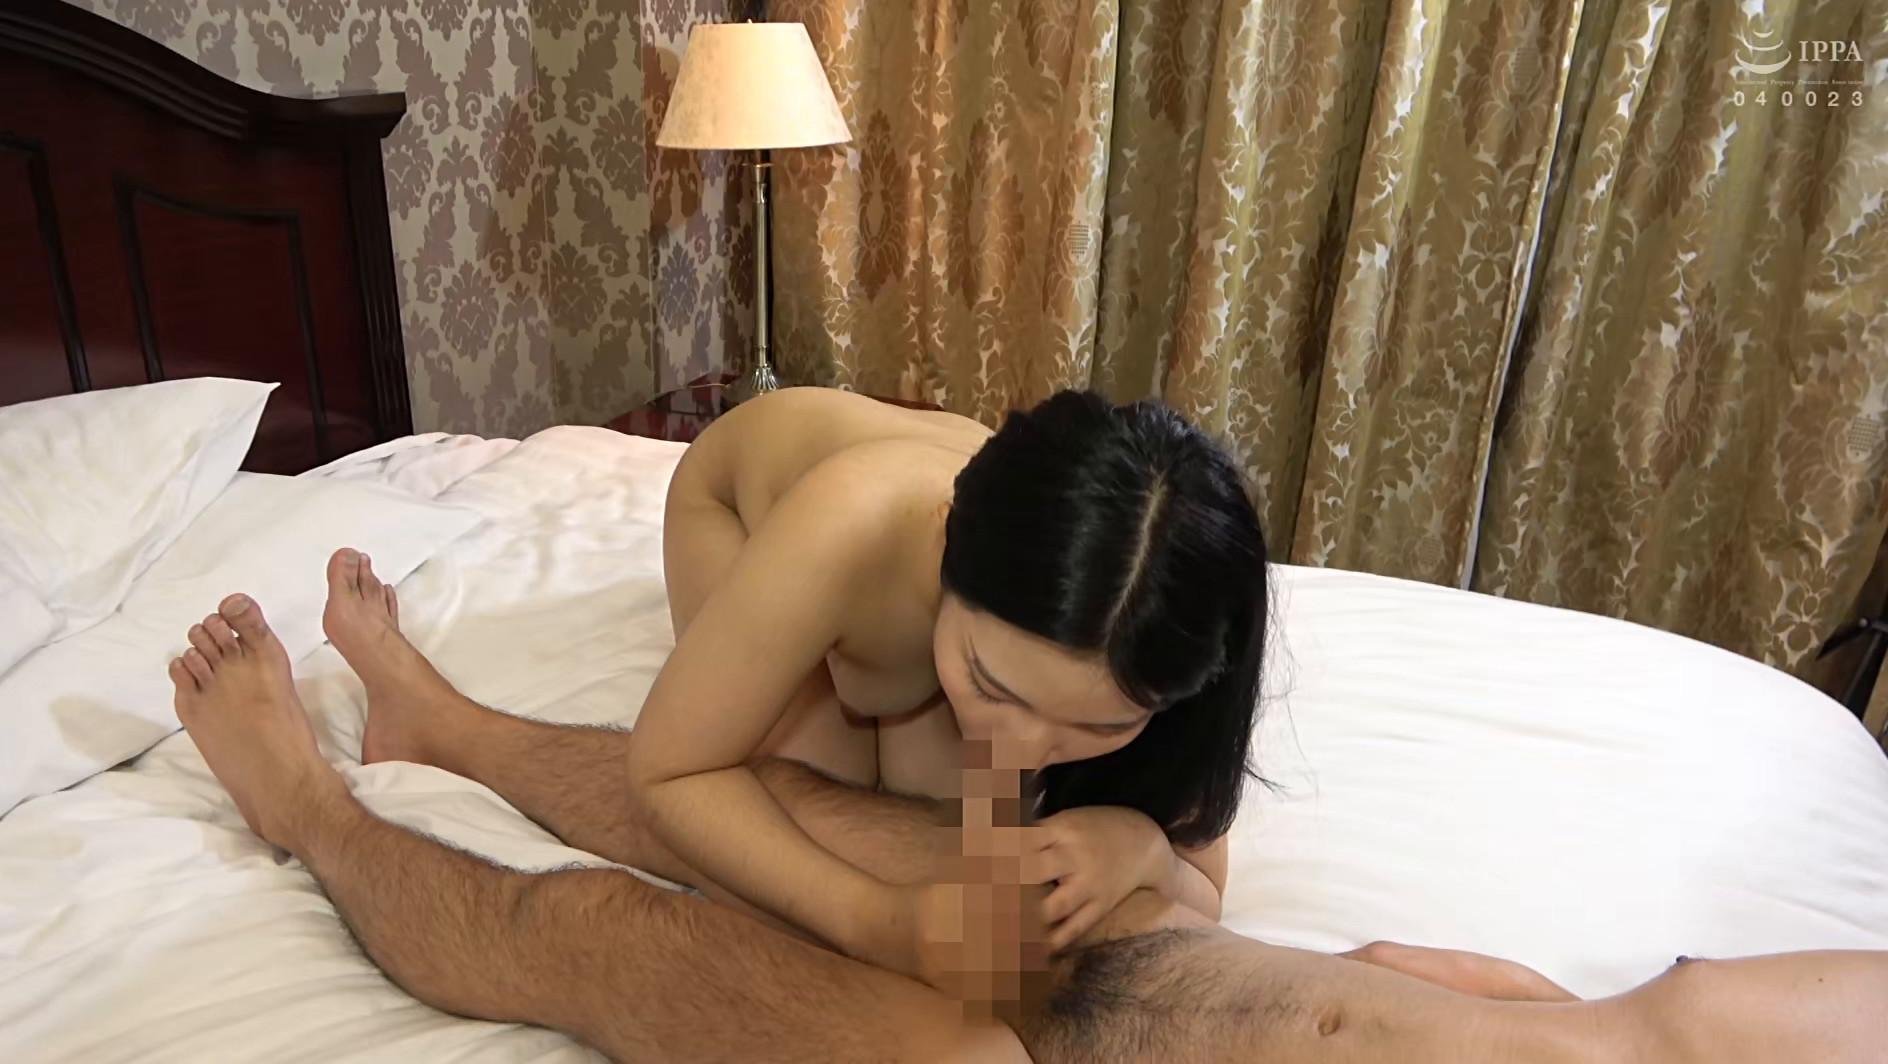 韓国で見つけた読書に夢中な堅物系の彼女は、エッチなこと好きでしょ?の直球質問にドギマギ!見かけによらずヤラしいパンティと舌出しべろちゅーで男をその気にさせる! 画像17